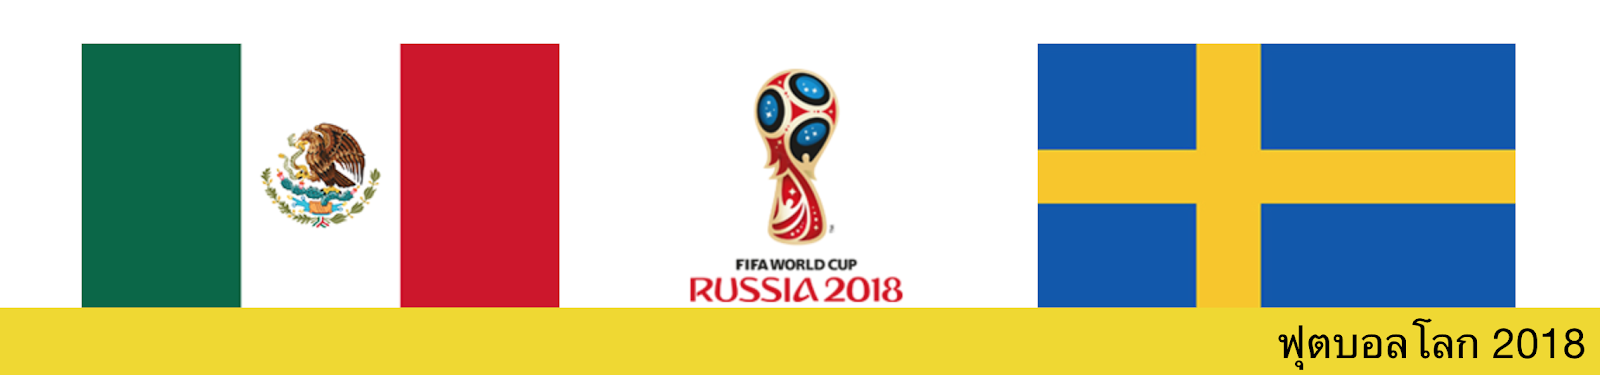 ดูบอลสด วิเคราะห์บอล ฟุตบอลโลก ระหว่าง เม็กซิโก vs สวีเดน